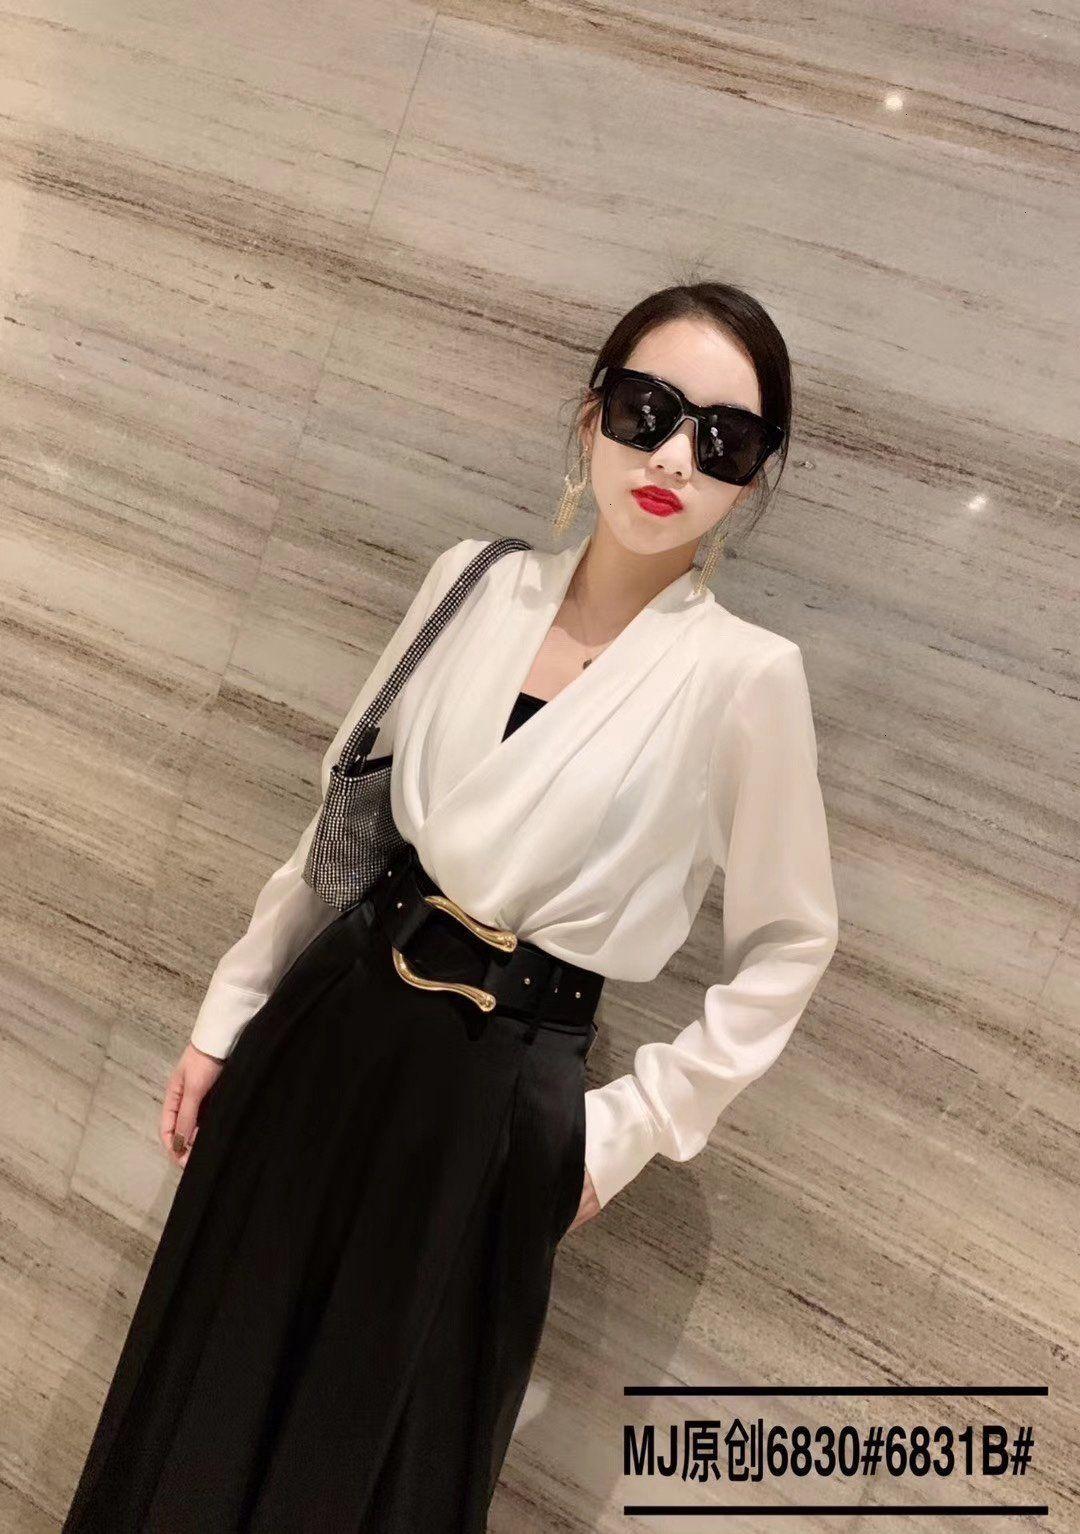 Tasarımcı bayan kıyafetler kadın iki parçanın kıyafetler tasarımcı favori en iyi satış 2020 Yeni şık ve modern style8N8MQDUULX211WPONMM7 koştu